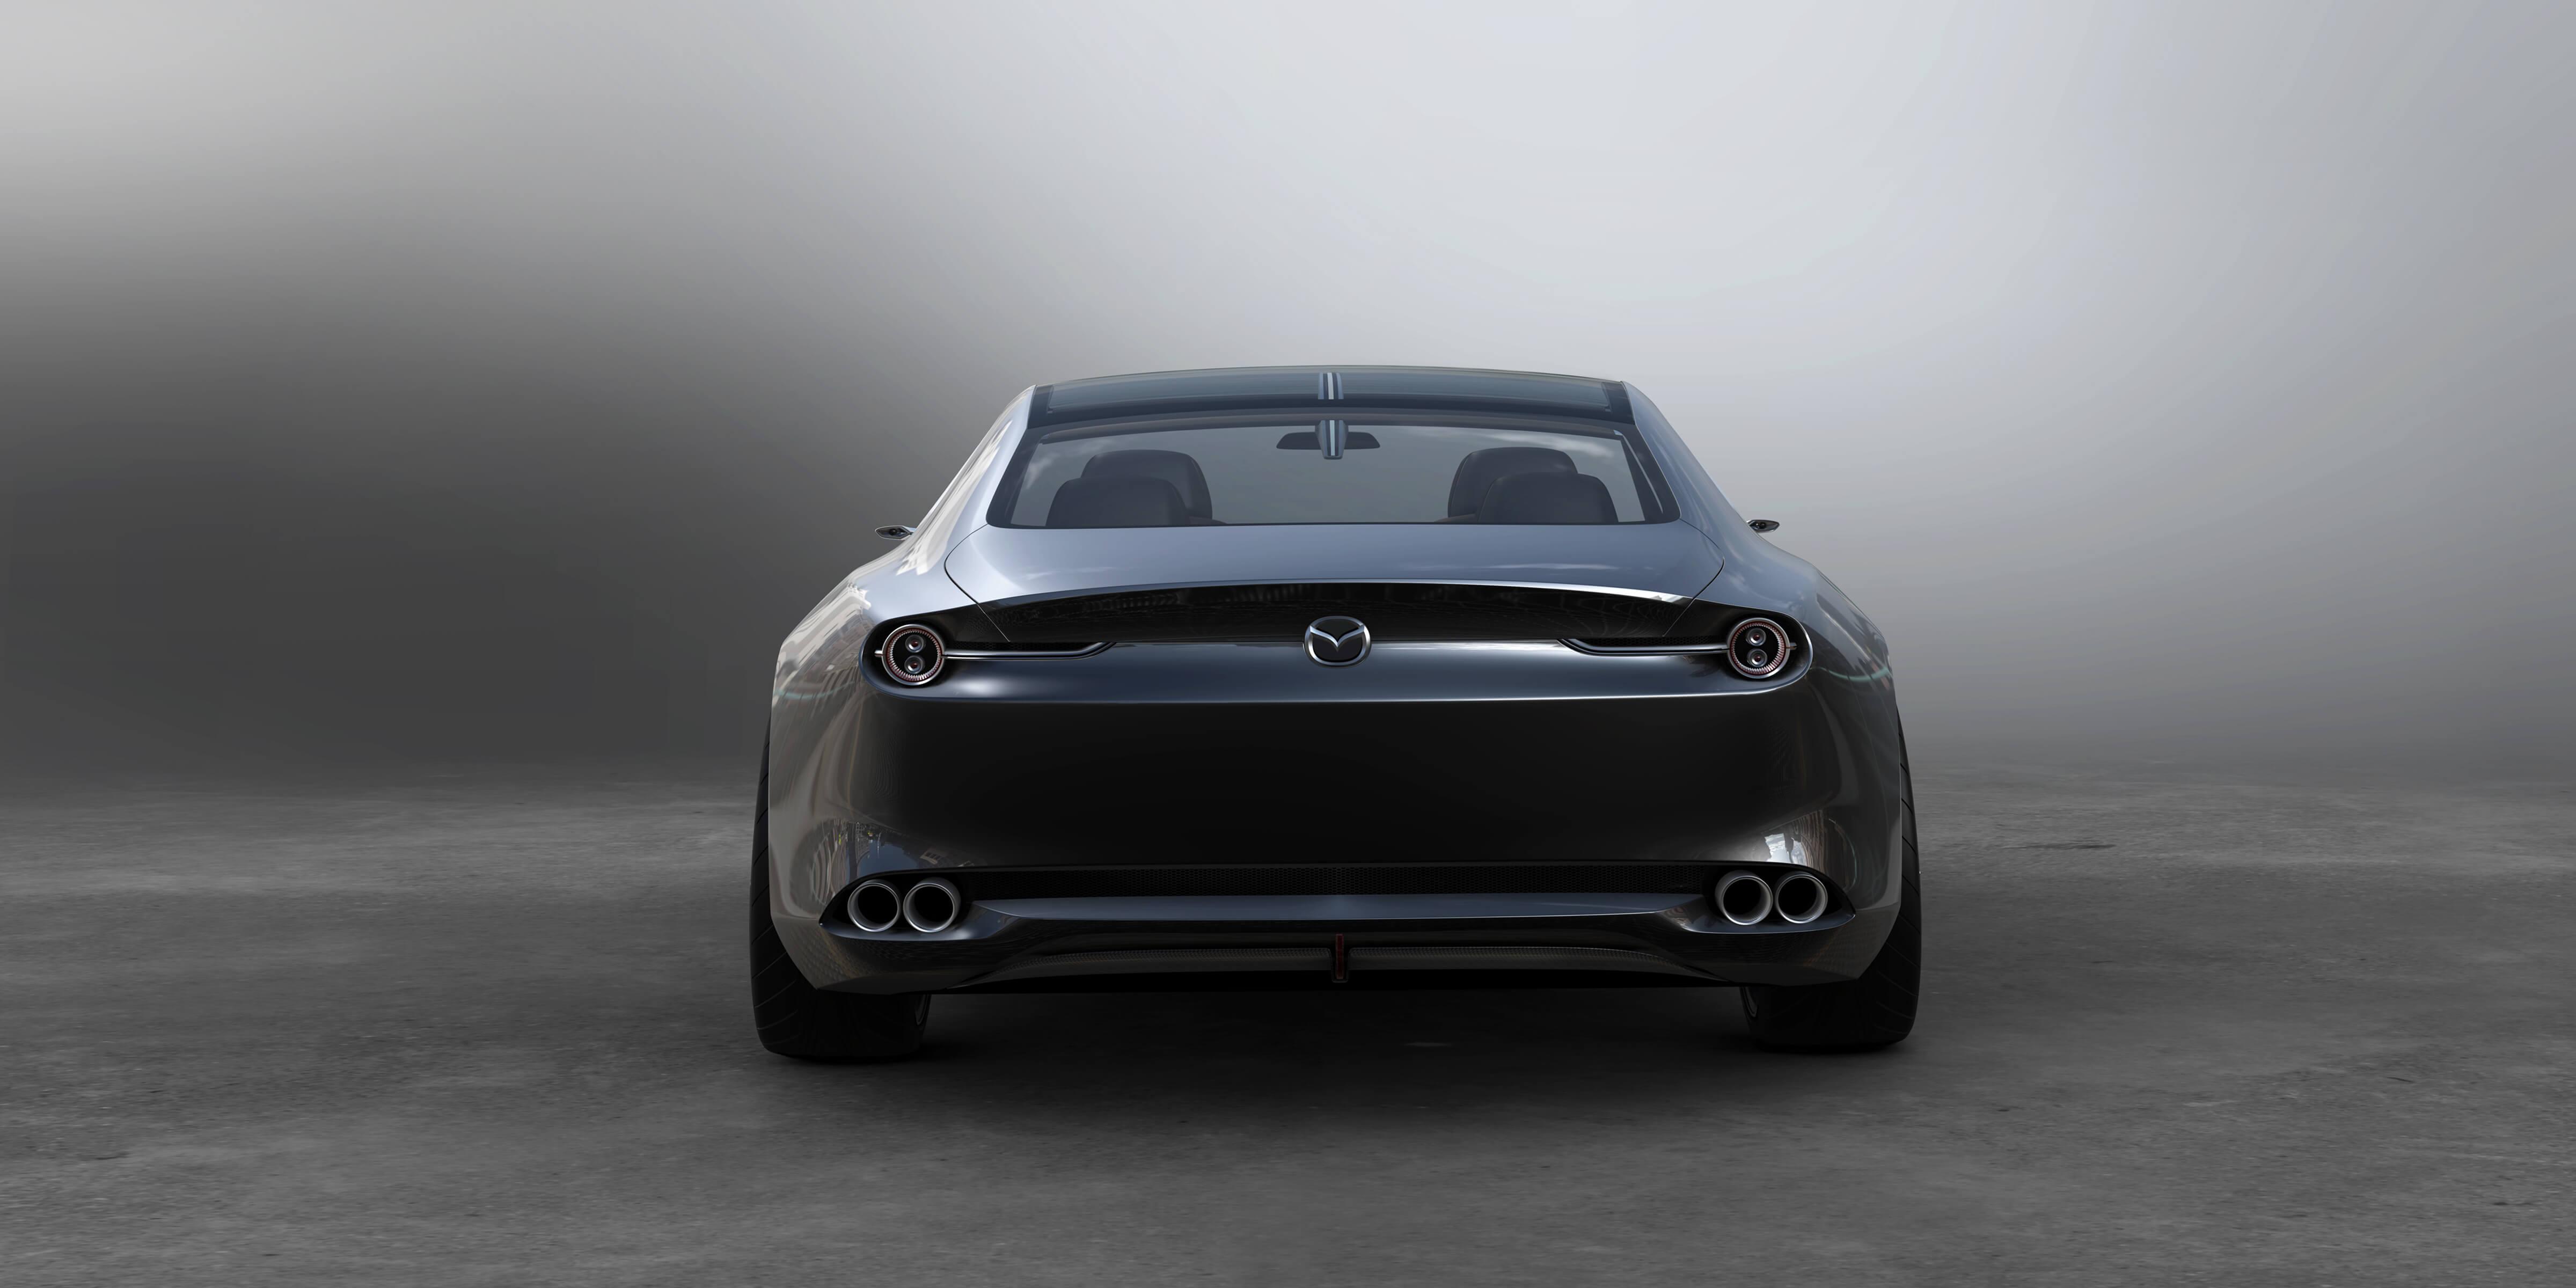 1_Konkurs_Mazda_Design_2018.